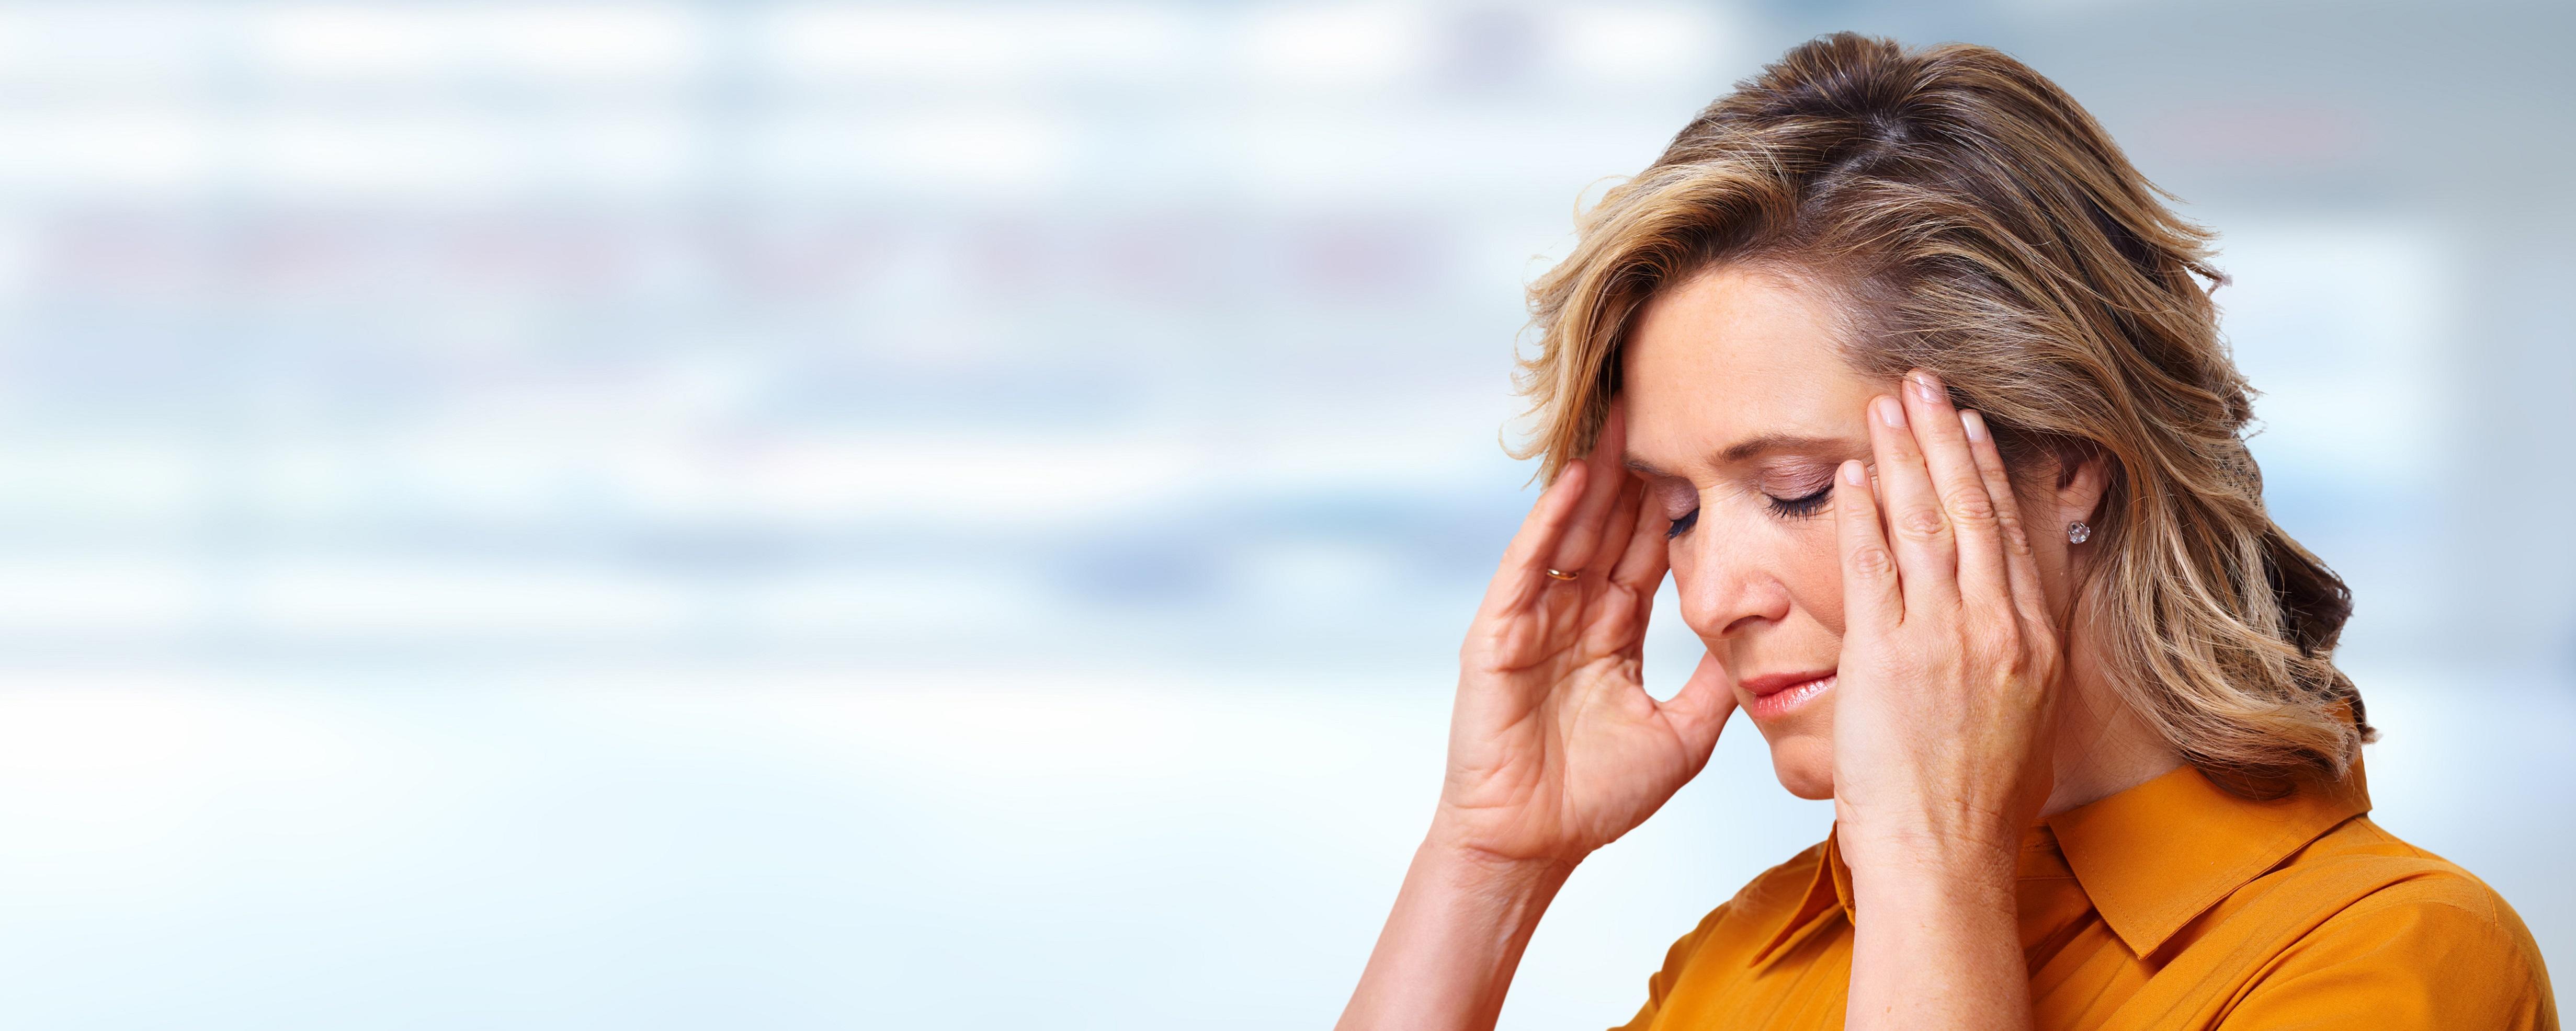 Seit einer Zahnwurzelentzündung hatte die Patientin starke Kopf- und Nackenschmerzen. Linderung brachte die Behandlung mit der Matrix-Rhythmus-Therapie und anschließede Behandlung mit der Funktionalen Orthonomie und Integration.